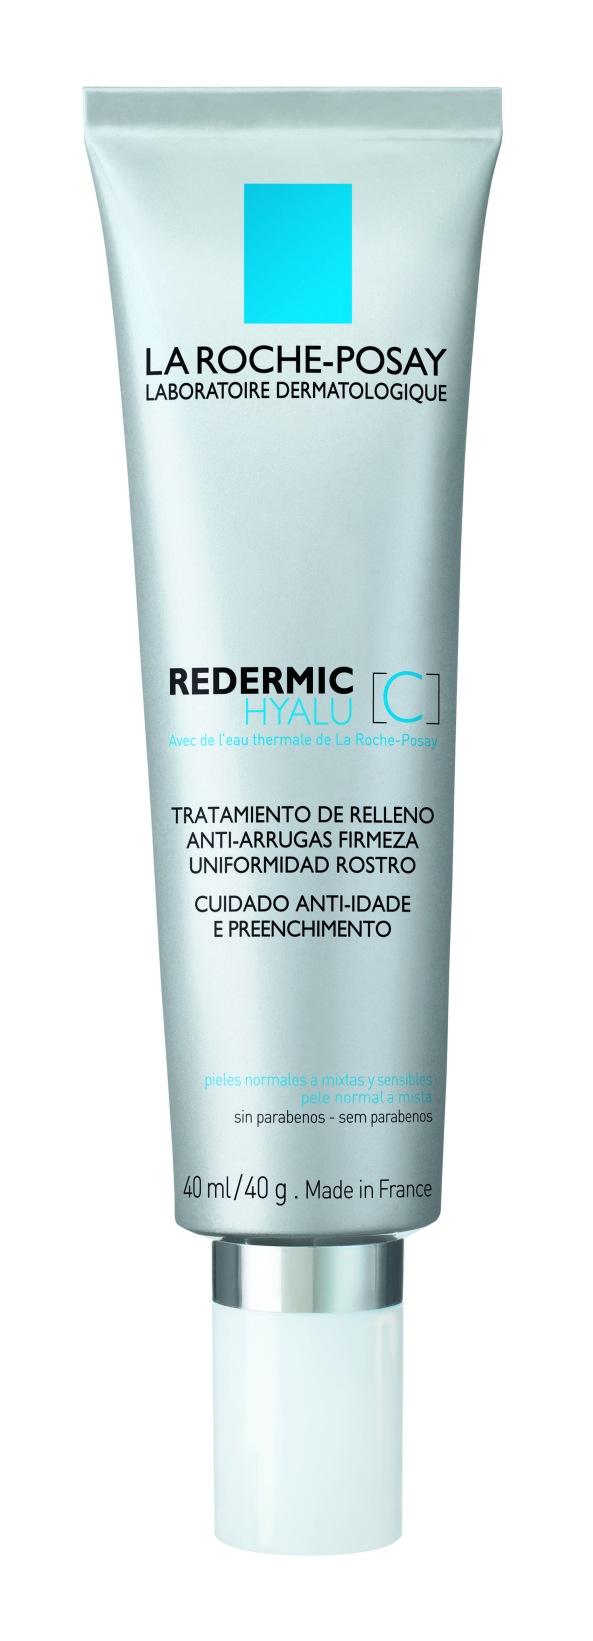 RedermicHyaluC-PielNormalAMixta